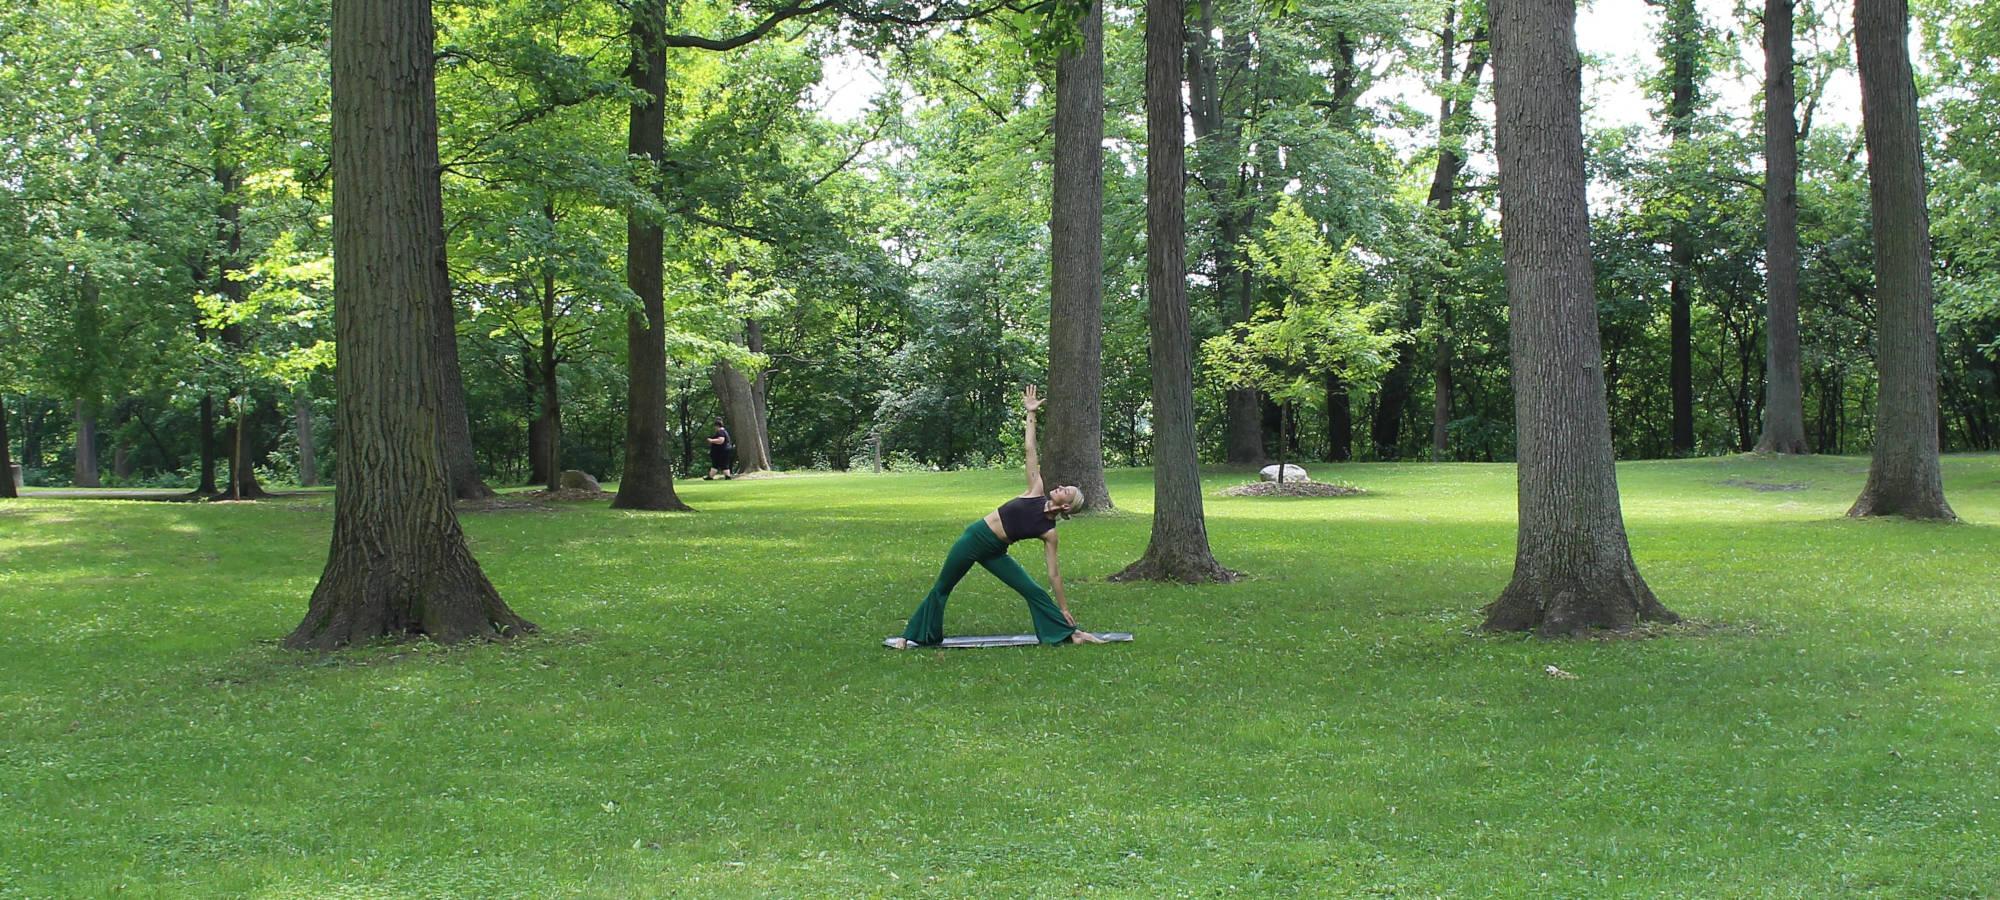 Park mit Bäumen und grüner Wiese, dazwischen eine Frau die Yoga macht, © unsplash